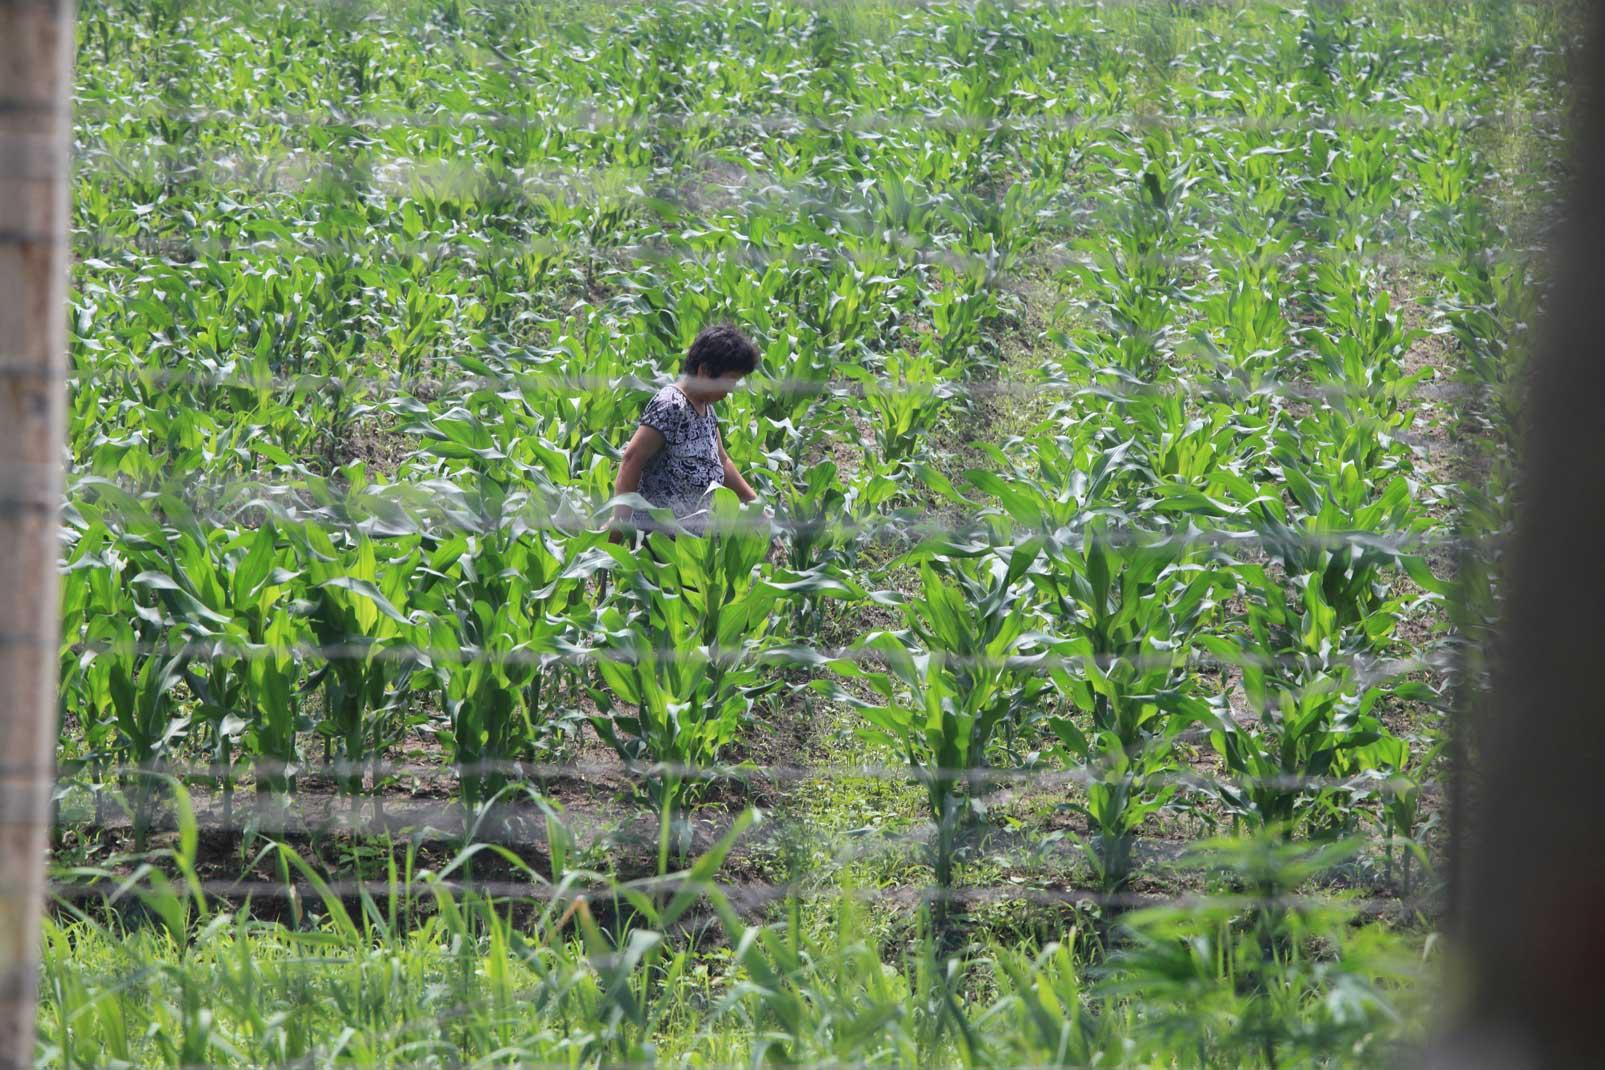 中朝陸の国境では兵士も農民も目と鼻の先(遼寧省丹東市)_b0235153_15572426.jpg